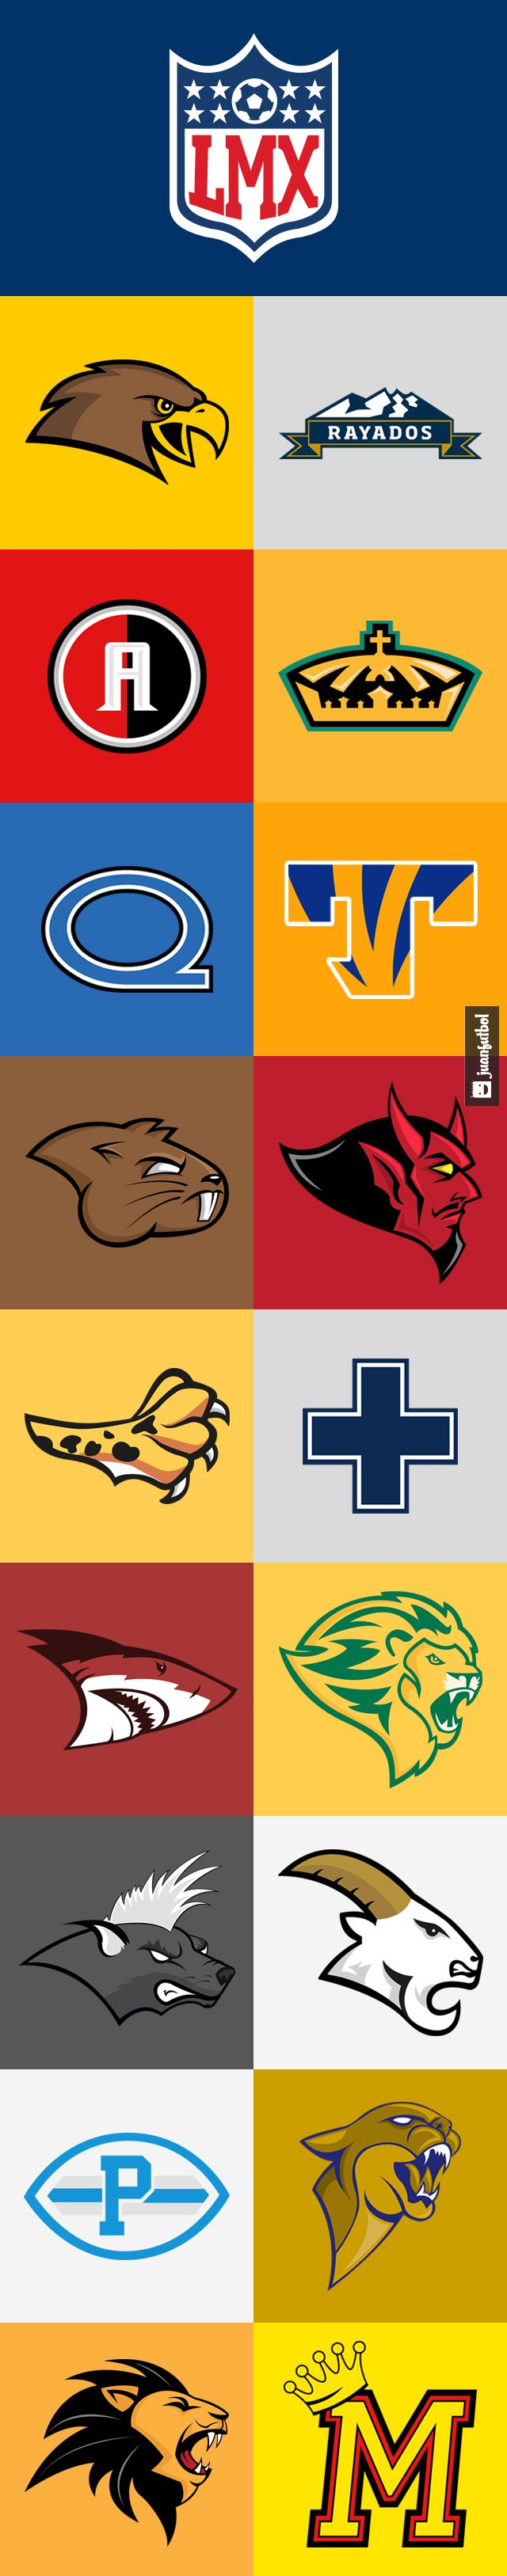 Logotipos de futbol de la Liga MX al estilo NFL